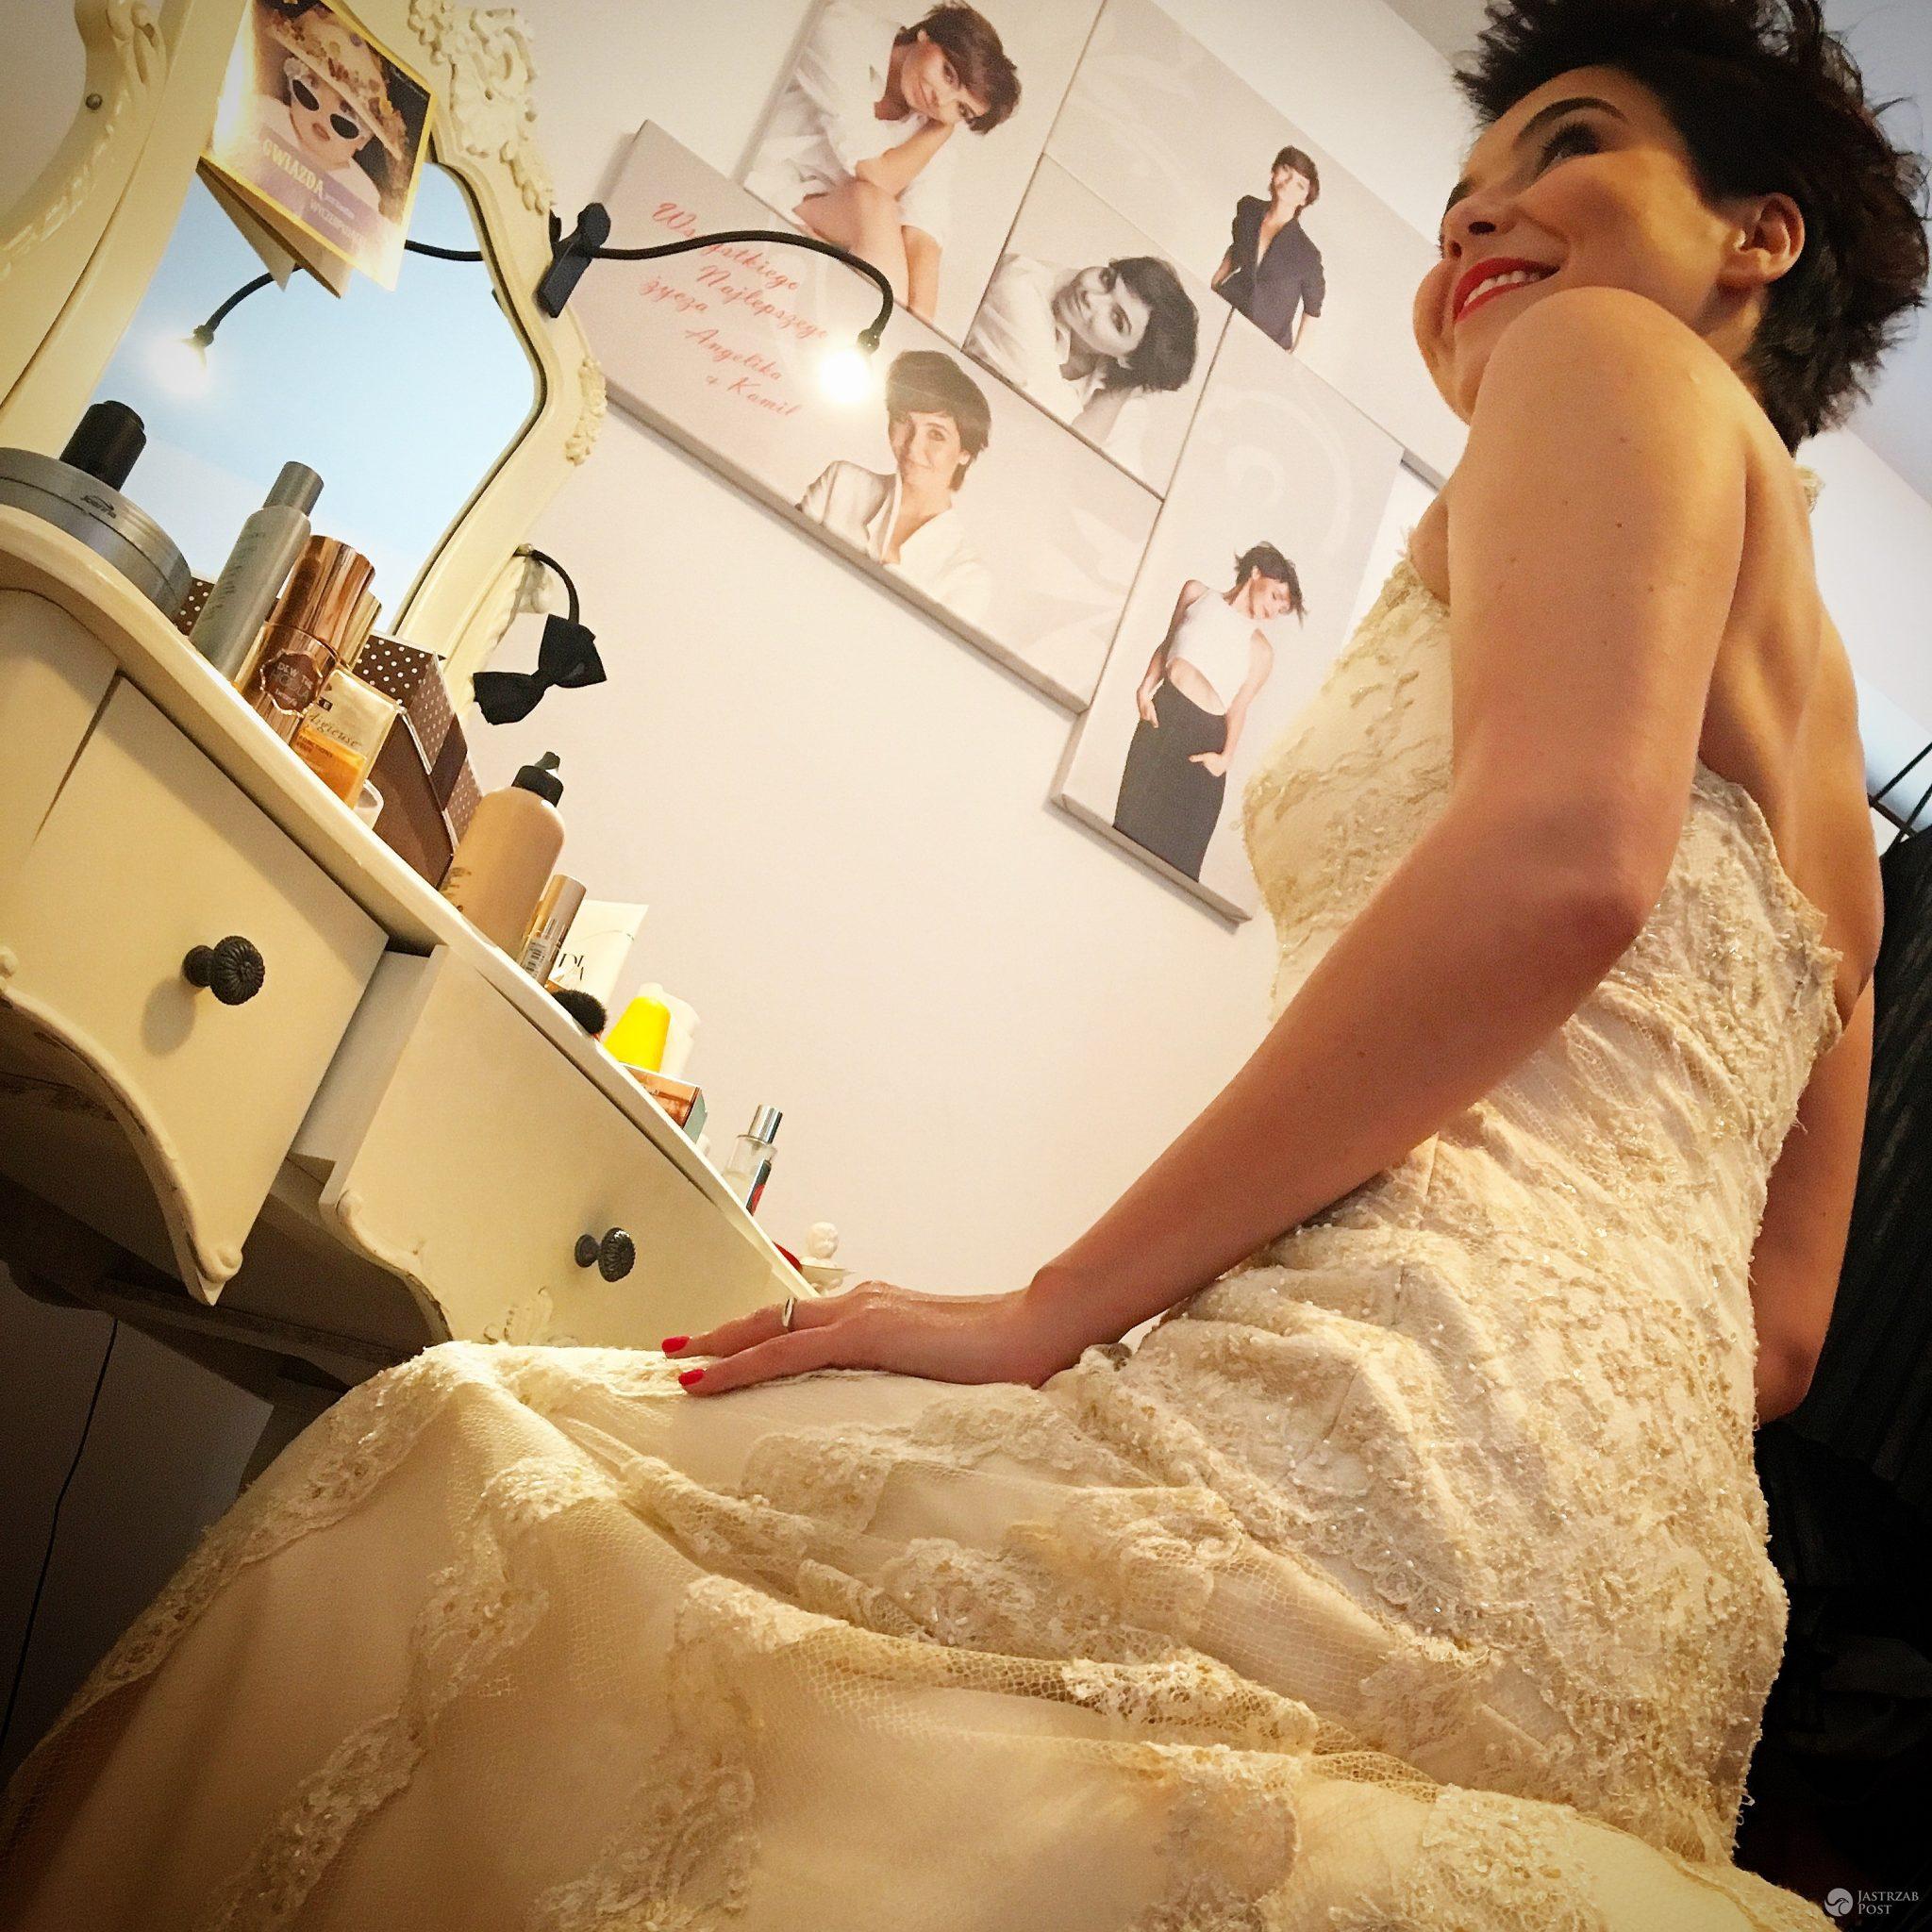 5 lat po ślubie suknia ślubna wciąż pasuje! Na zdj. Paulina Drażba